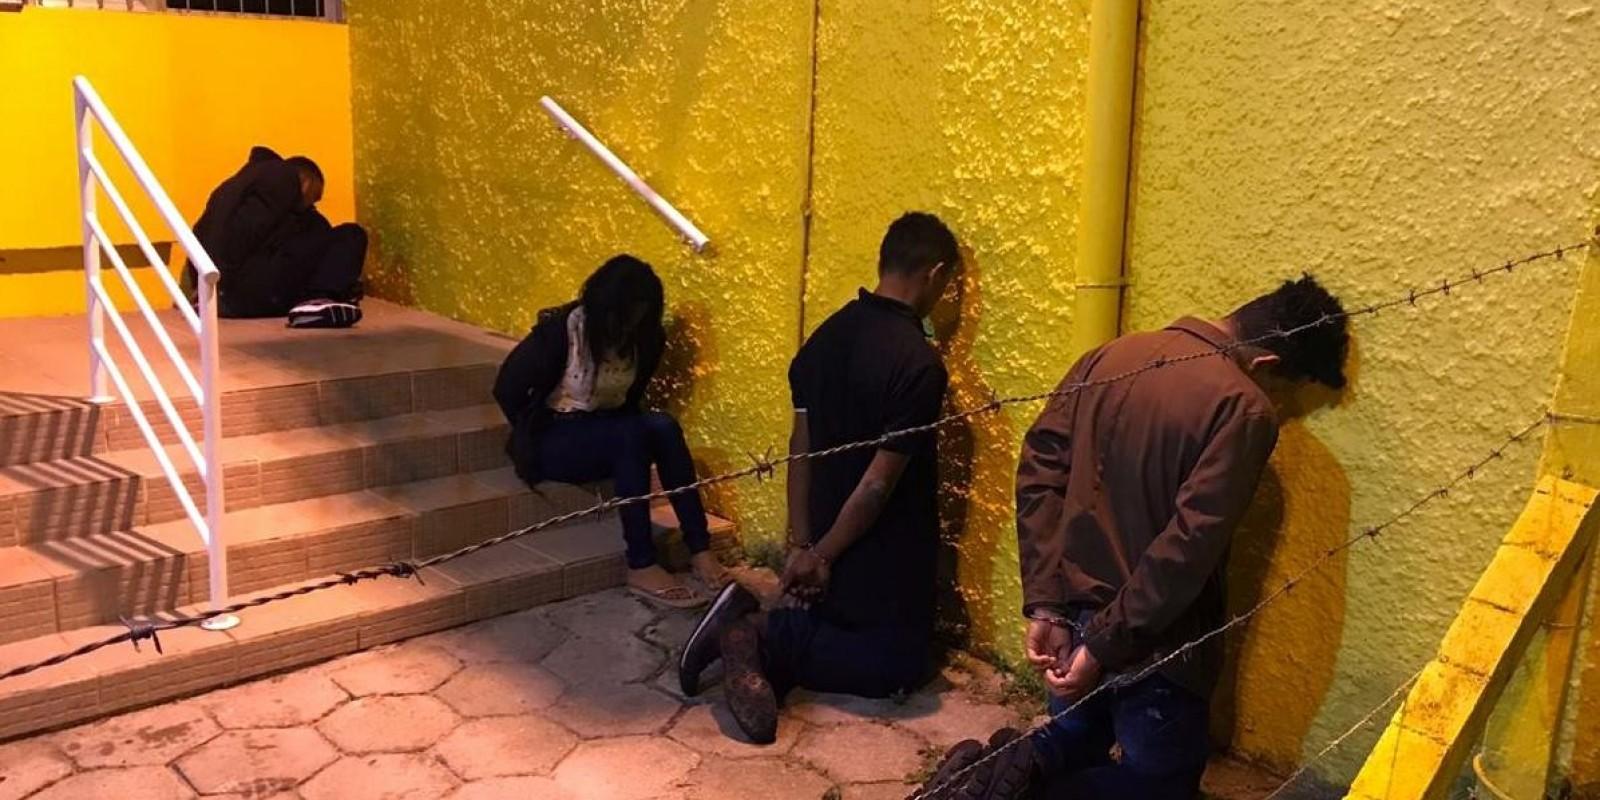 Assalto: família de São Ludgero é mantida refém durante 3 horas